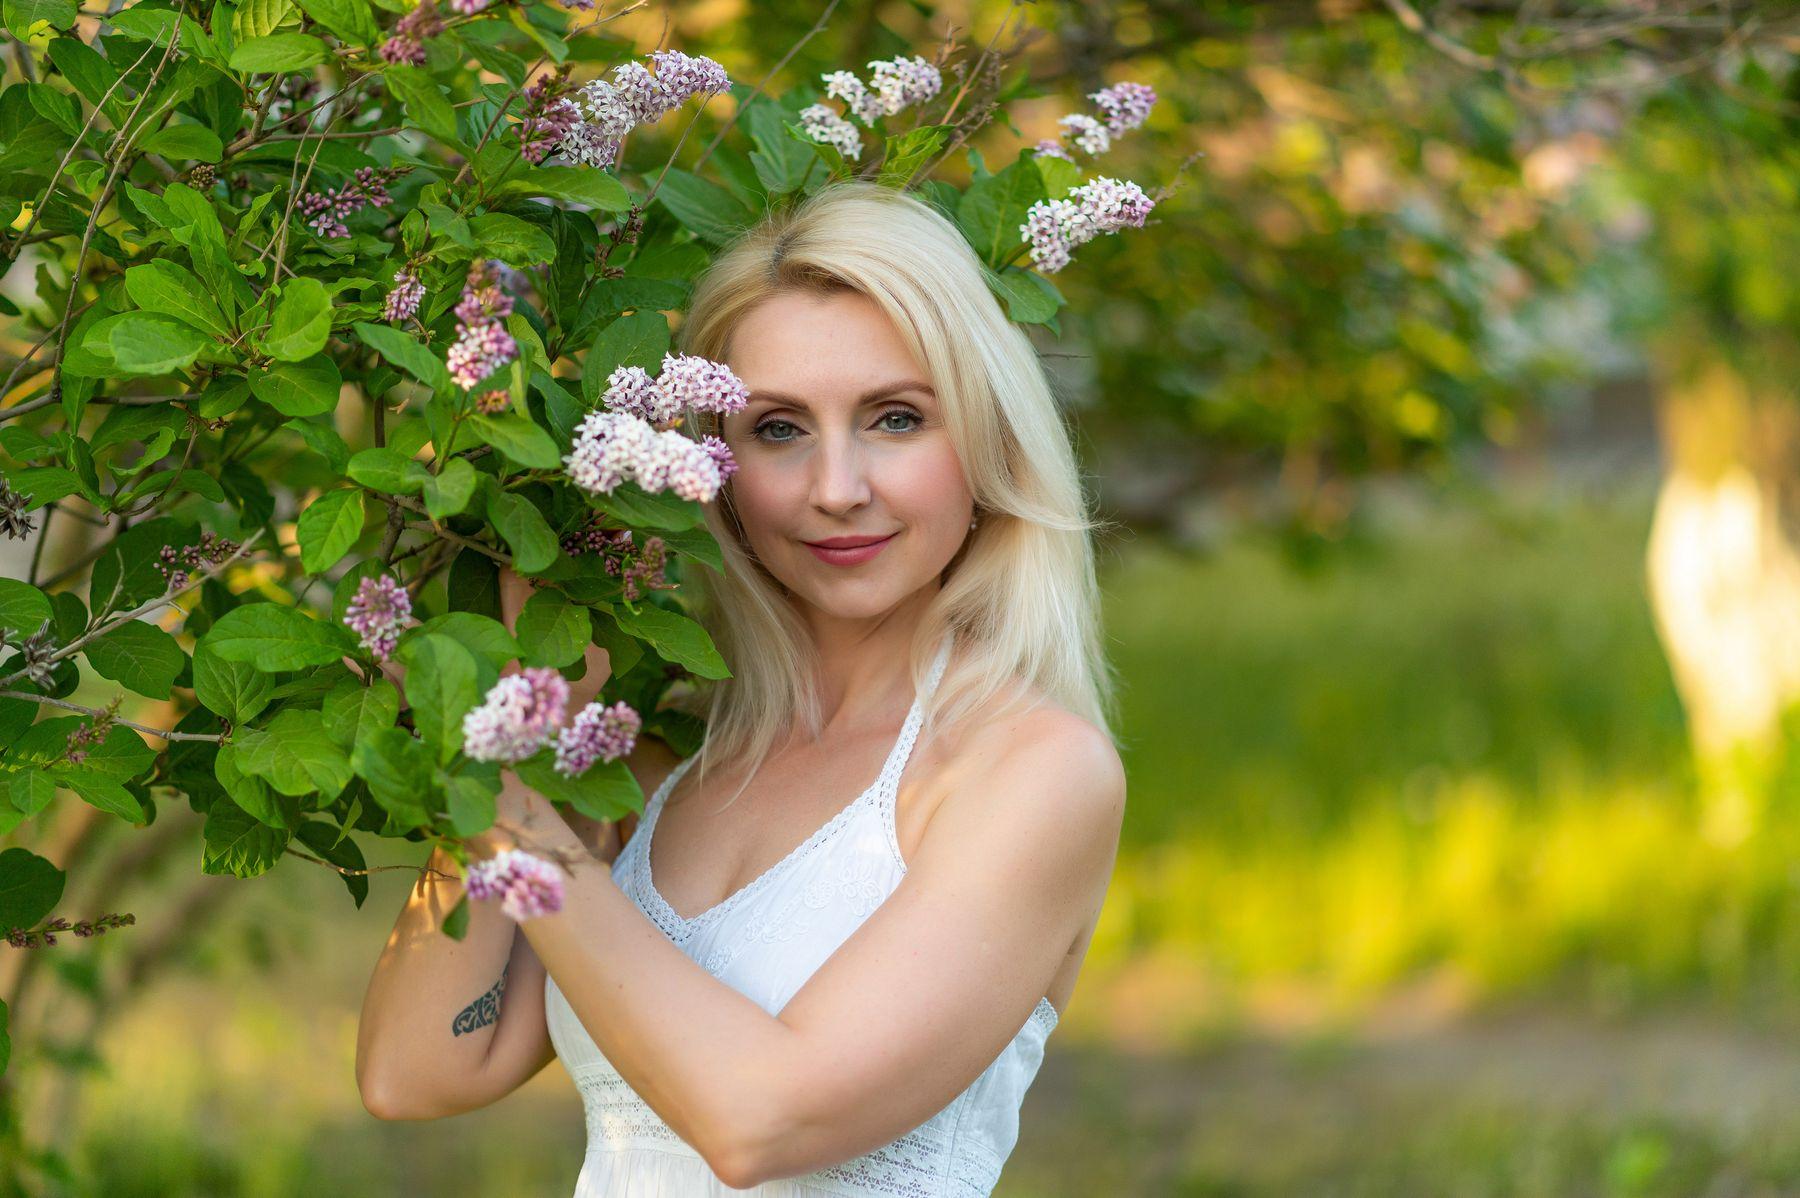 Портрет в сирени сирень цветы девушка портрет лето